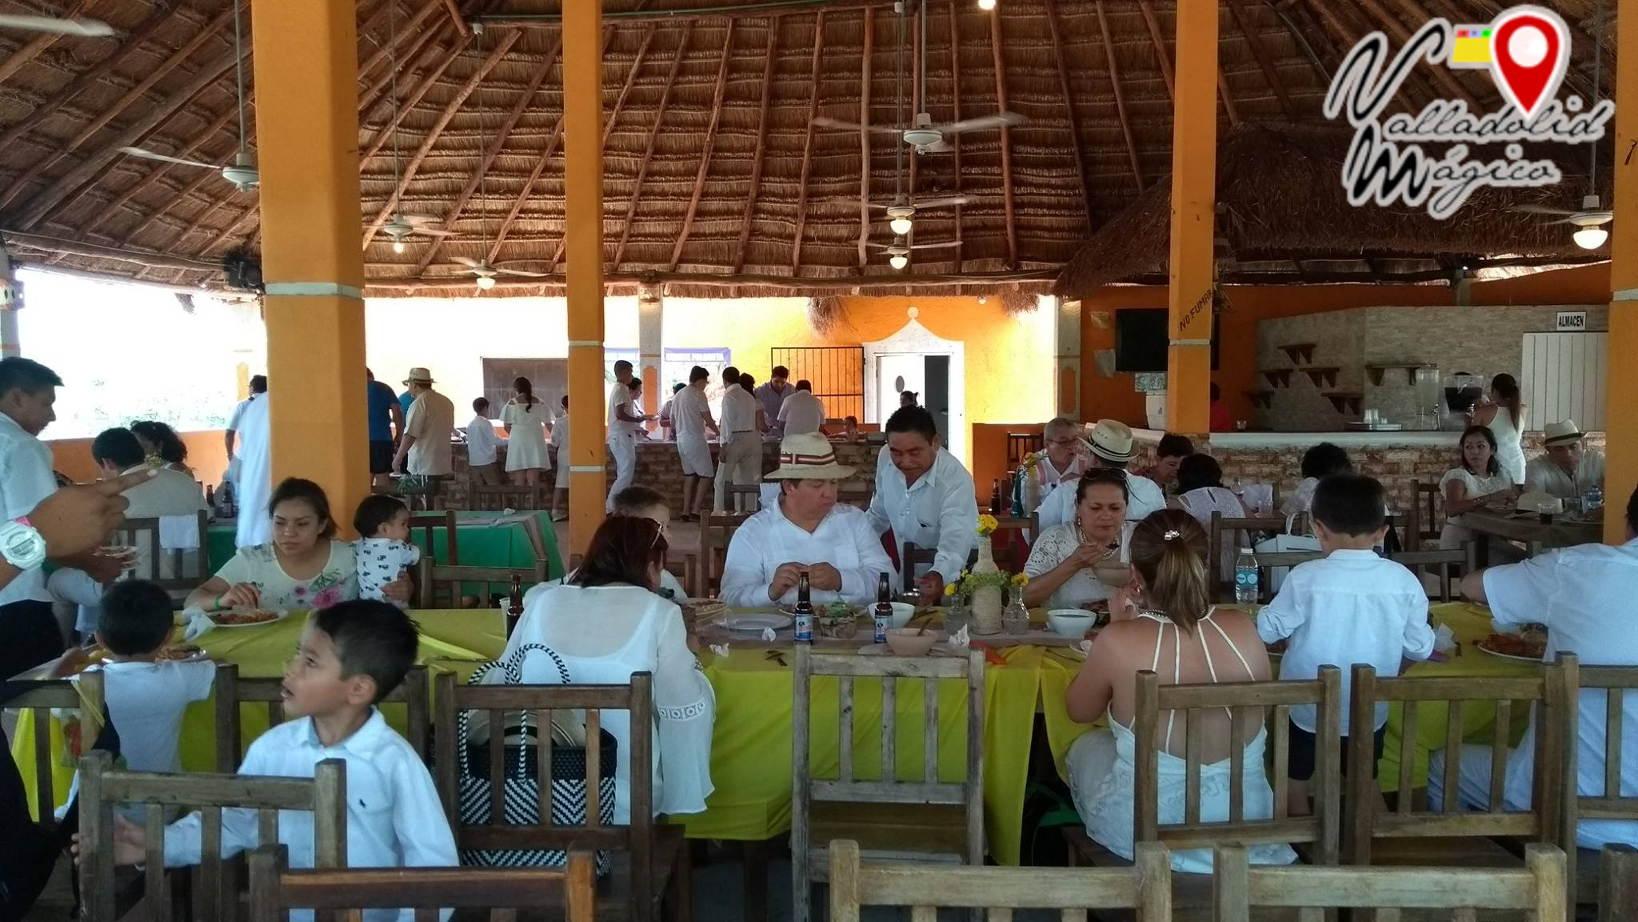 Que hacer en Valladolid Yucatán, Hoteles y Restaurantes recomendados